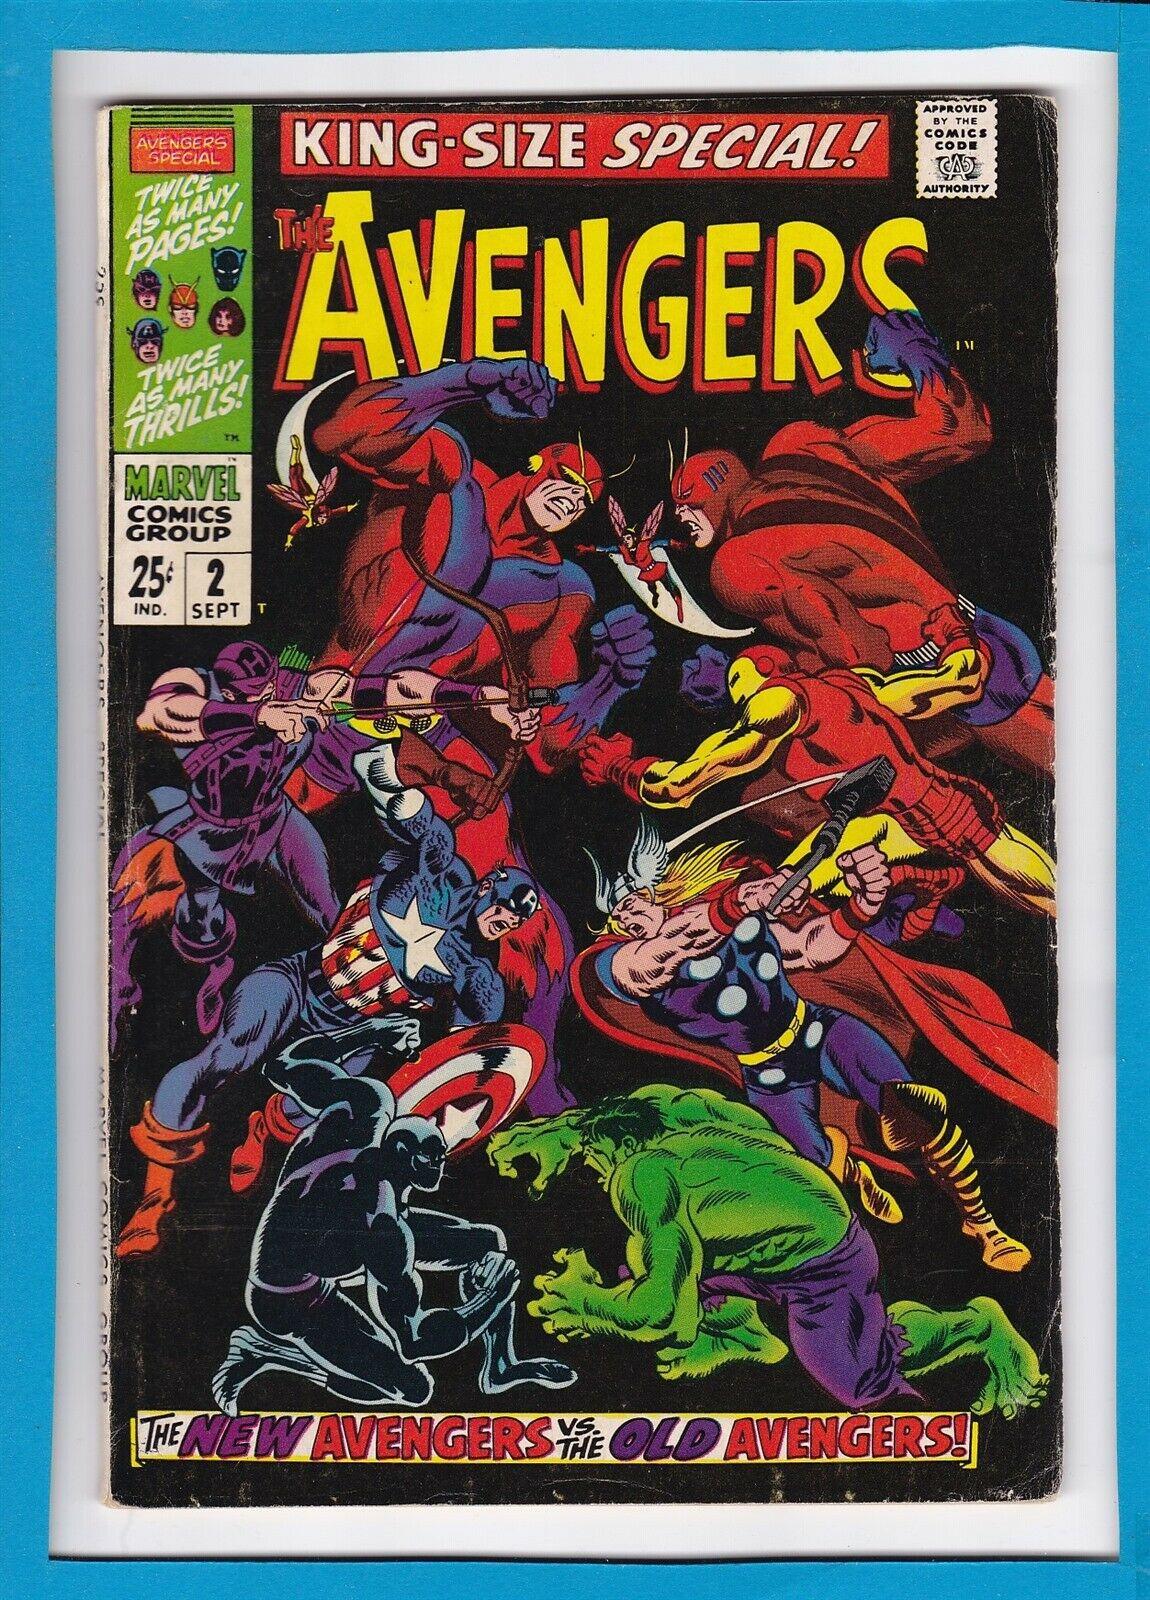 AVENGERS KING-SIZE SPECIAL #2_SEPTEMBER 1968_F/VF_NEW AVENGERS Vs OLD AVENGERS